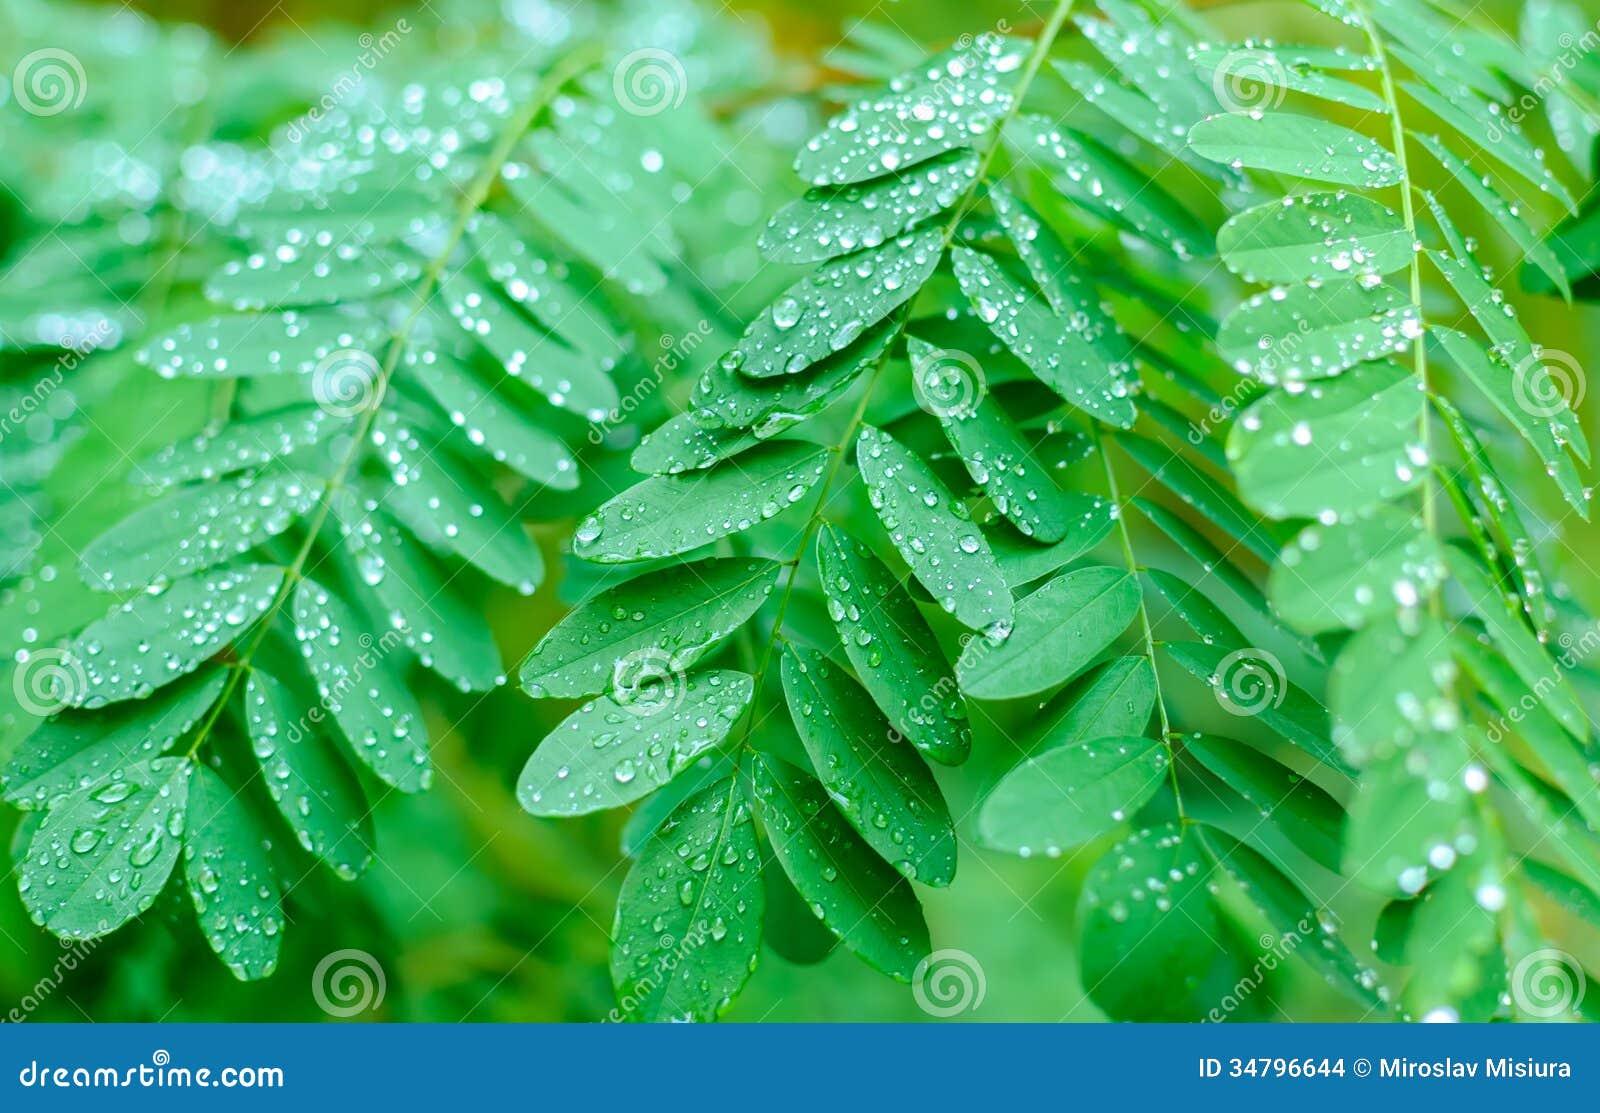 Looking Up At Acacia Tree Branches Stock Photo Image Of Season